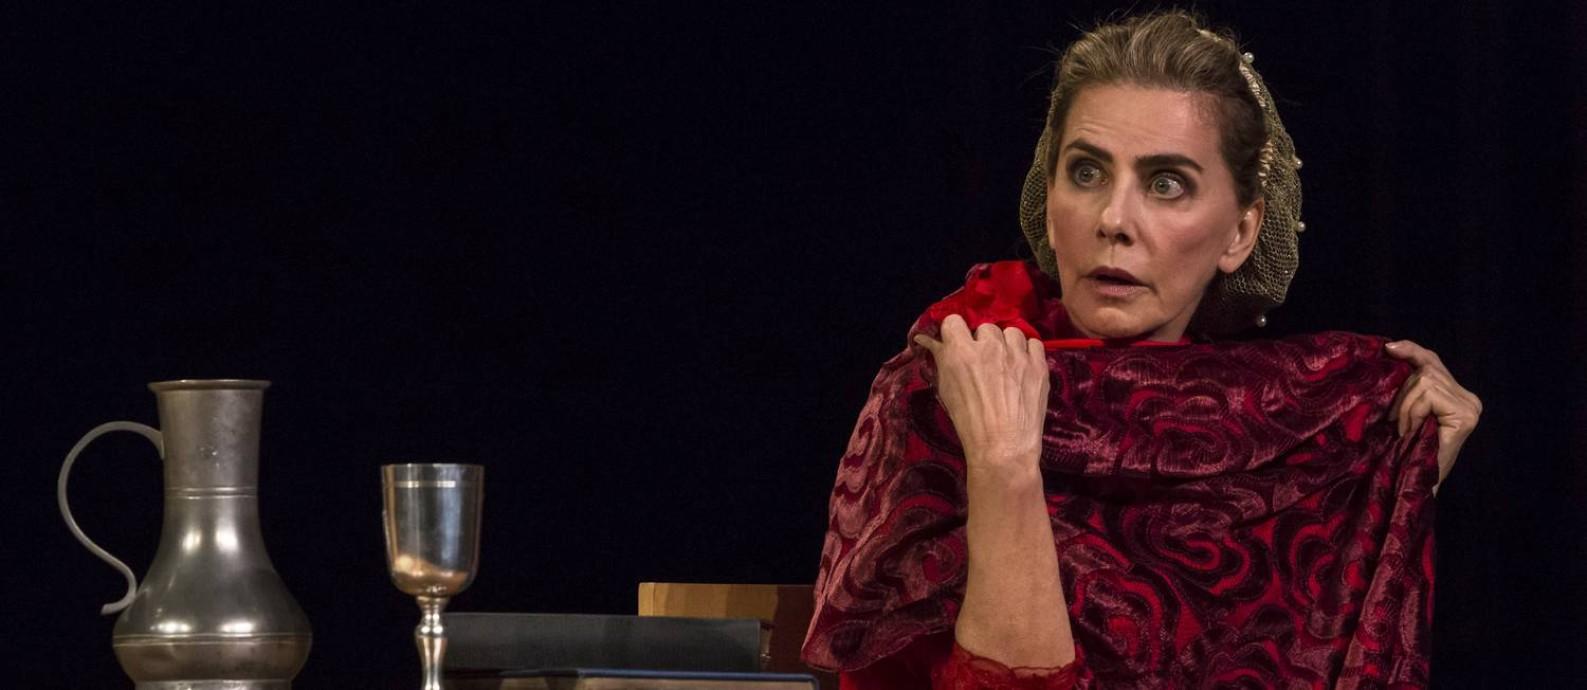 Maitê Proença é uma mulher à frente do seu tempo em peça Foto: Matheus Jose Maria / Divulgação/Matheus Jose Maria